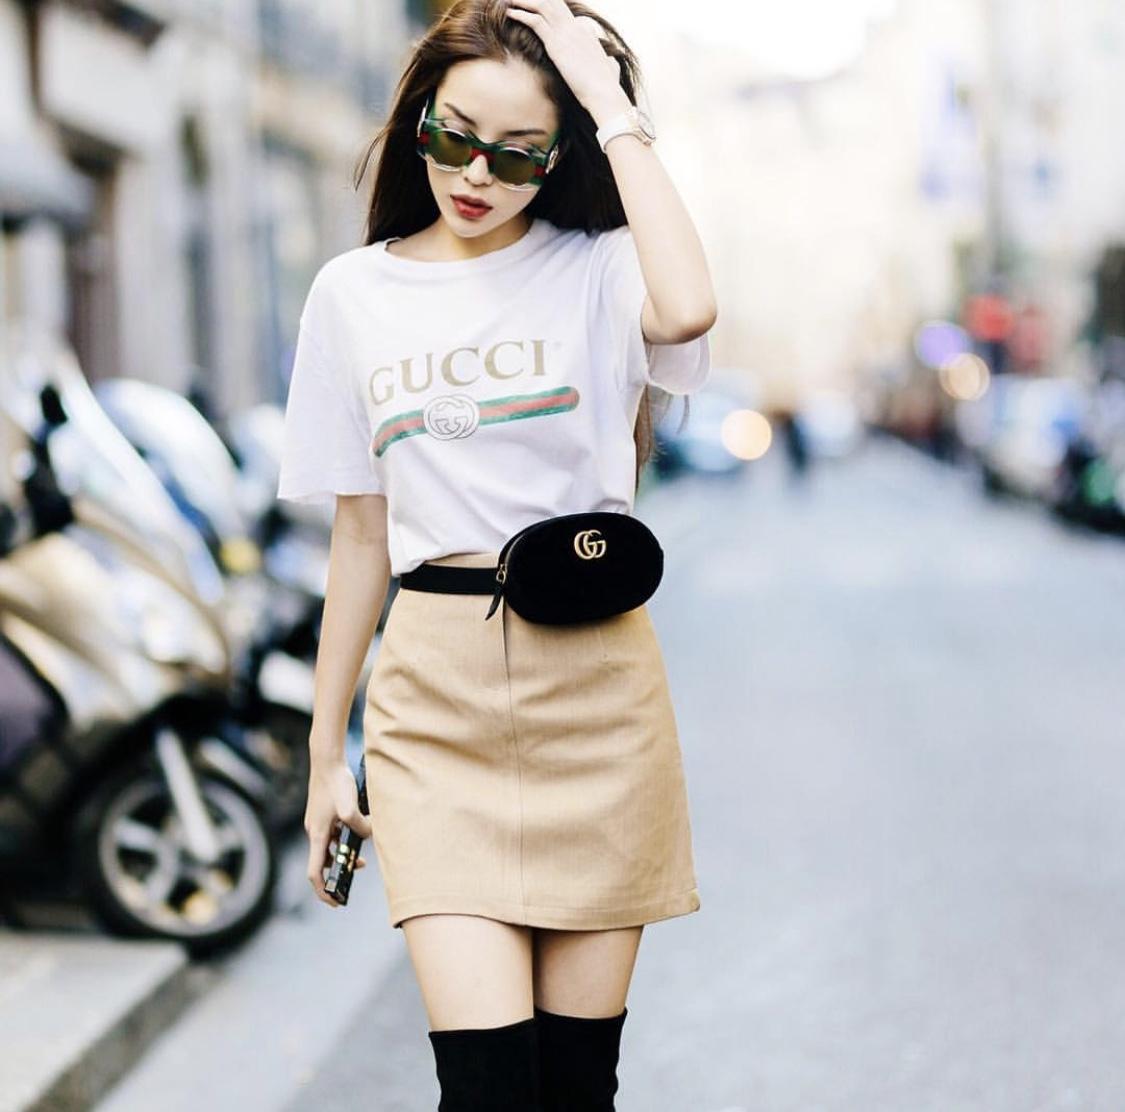 Áo Thun Gucci (Trắng) - size M